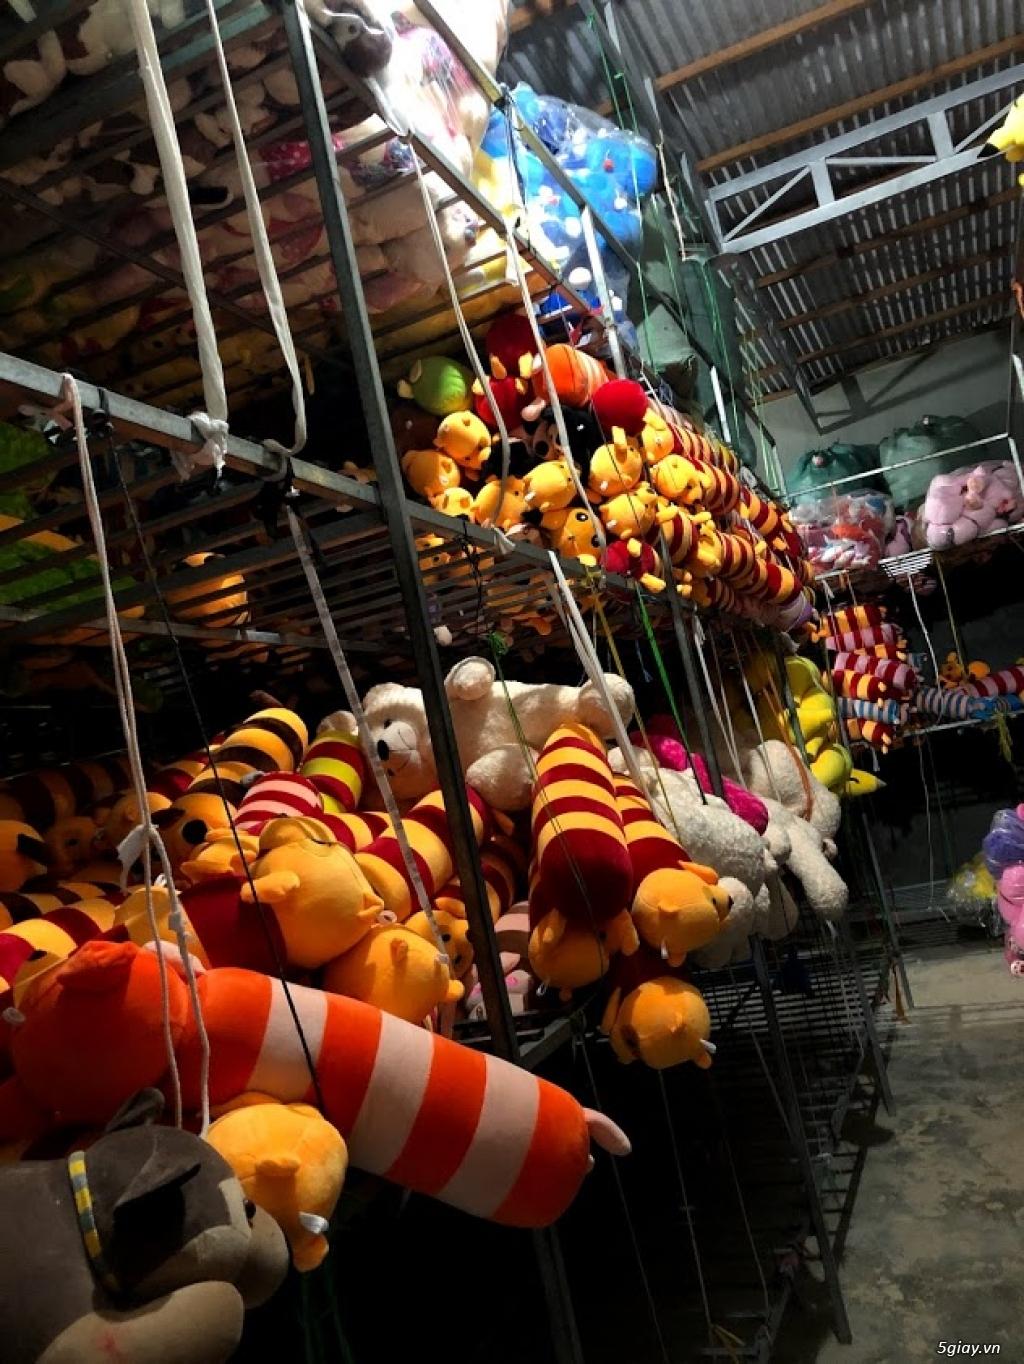 Tuyết's Store[Chuyên Phân Phối Thú Nhồi Bông Toàn Quốc Bao Ship Code] - 38